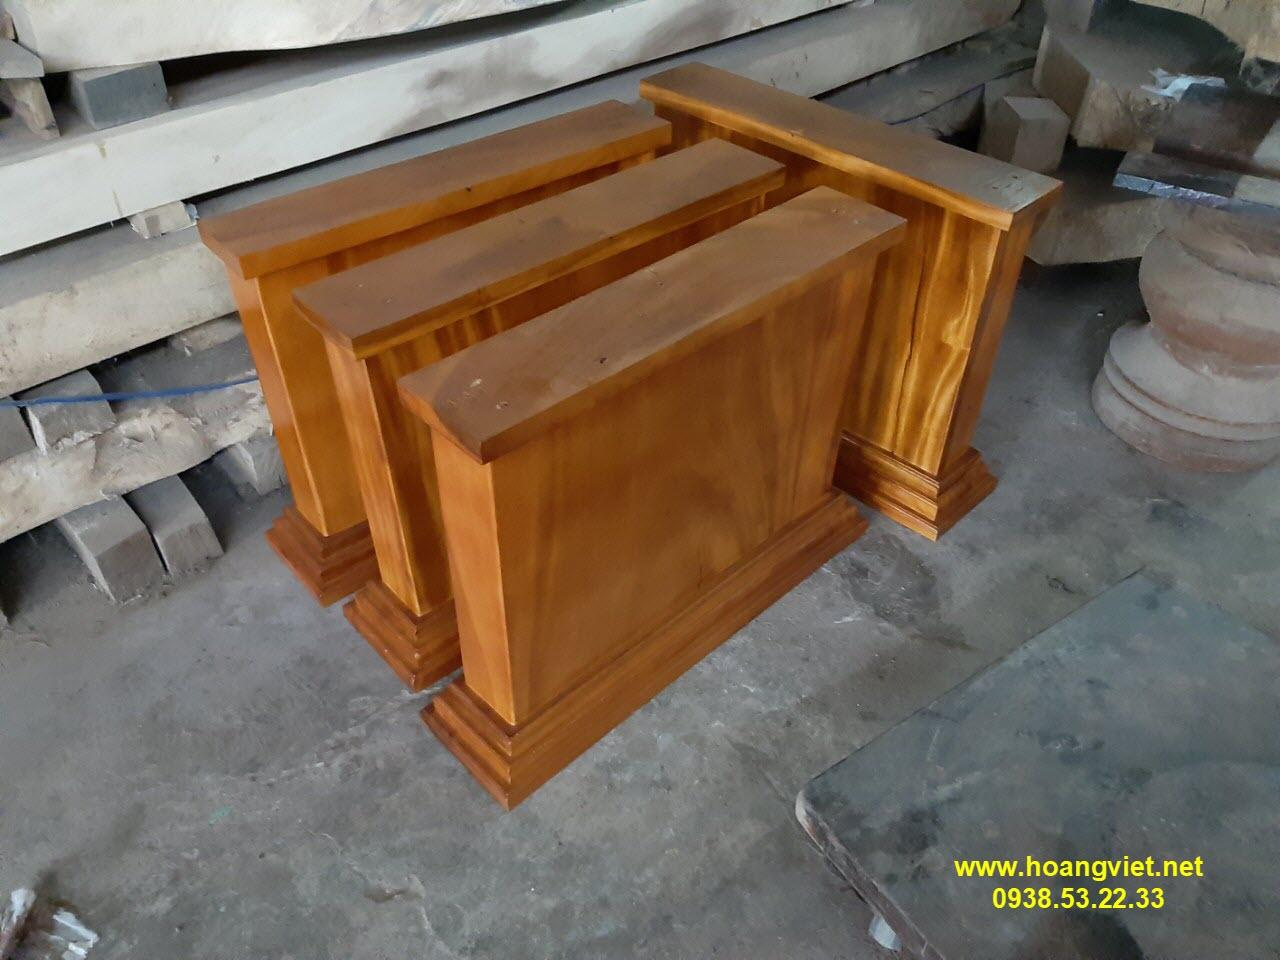 Chân bàn gỗ nguyên khối đẹp